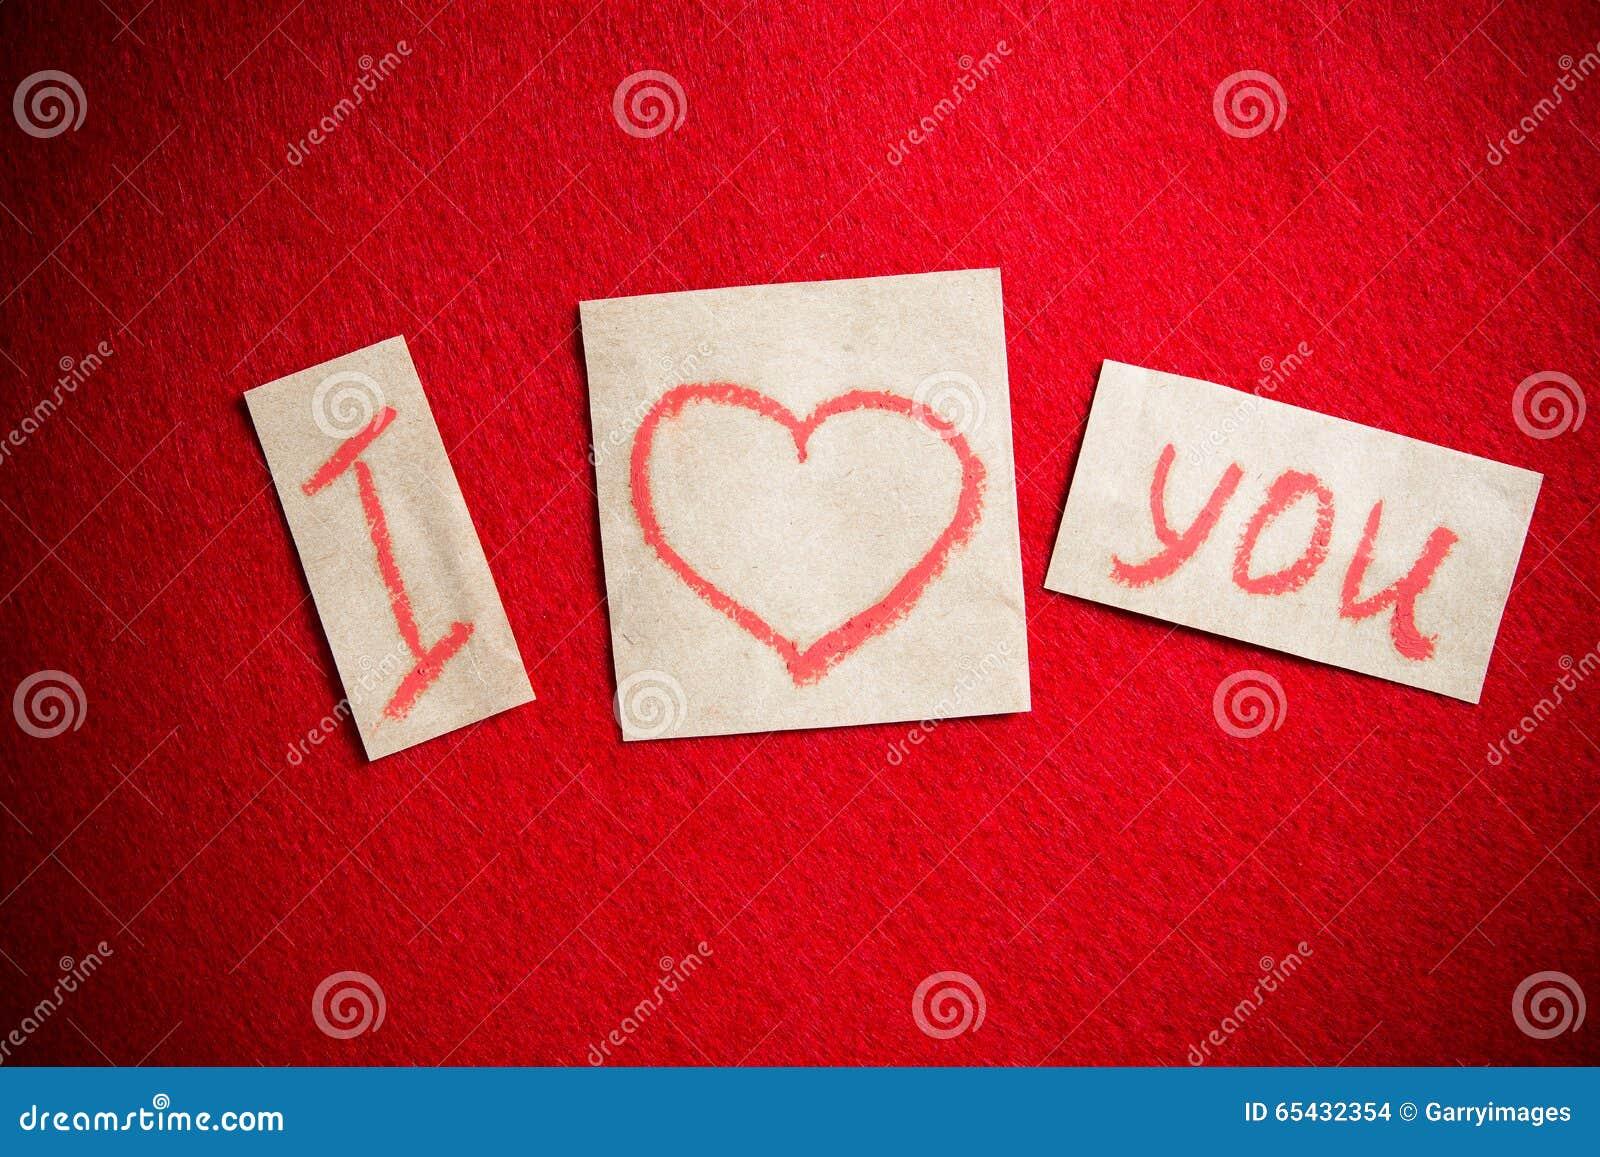 Avec Message À Le Lèvres Fond Sur T'aime Je Manuscrit Rouge O08wPnk